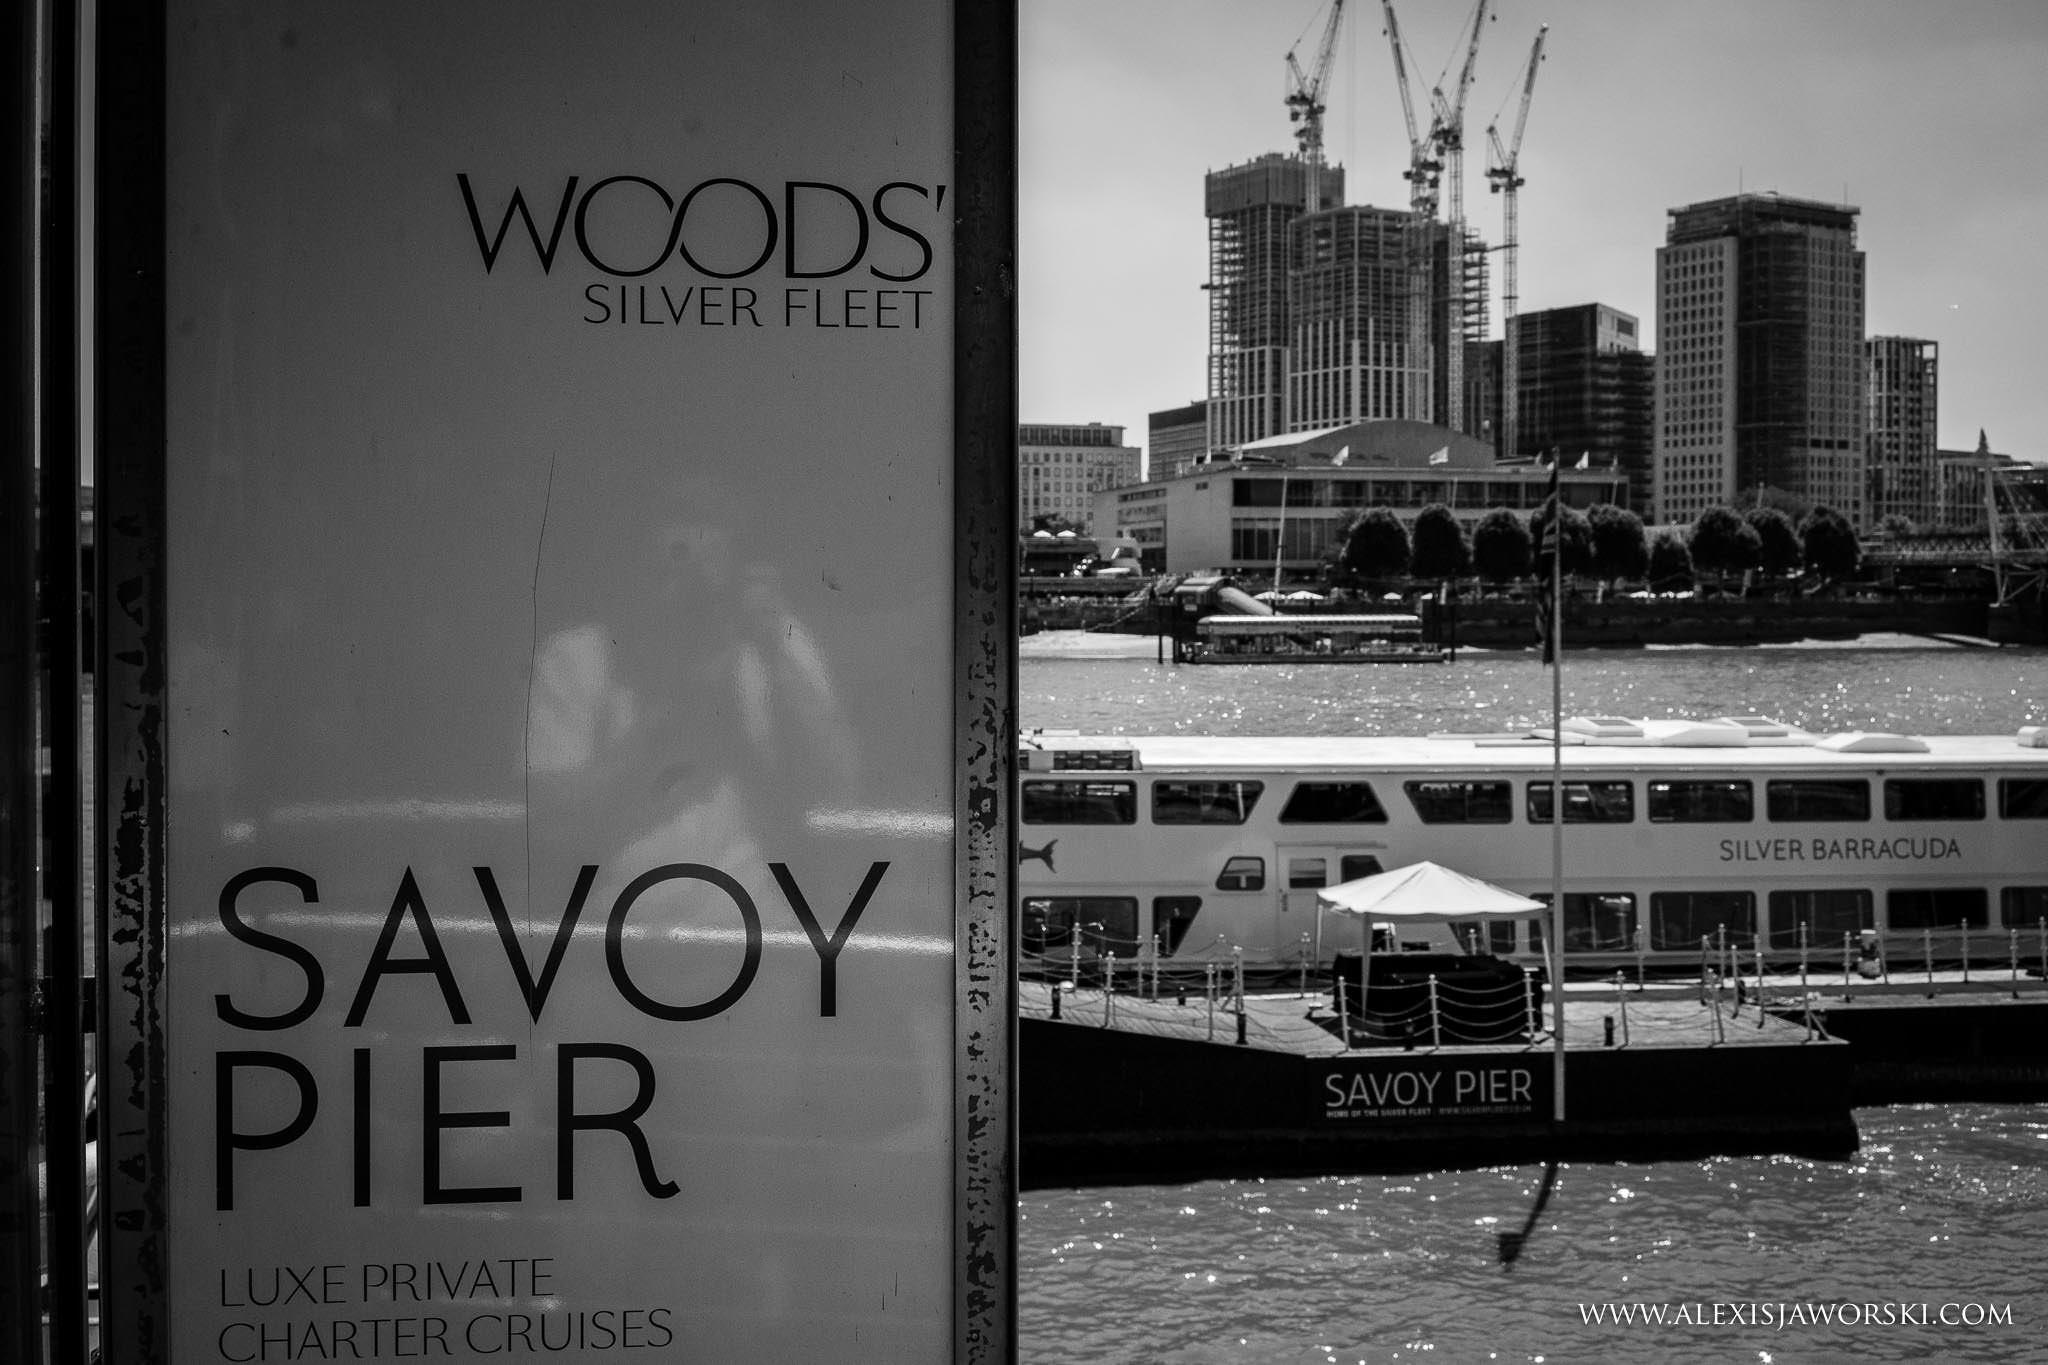 The Savoy Pier